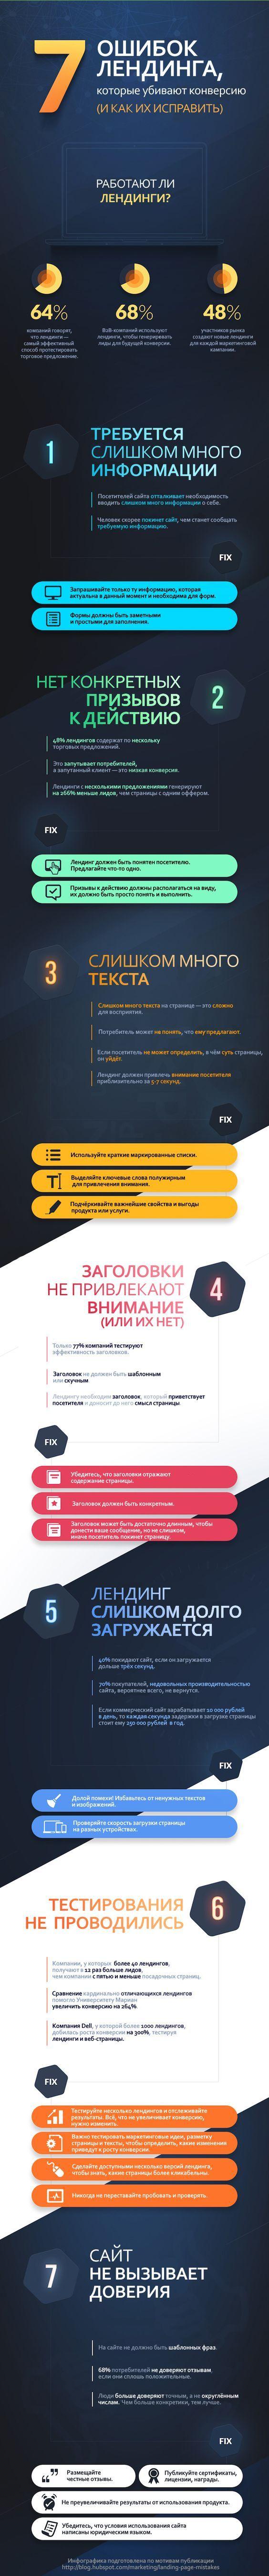 7 ошибок лендинга #инфографика